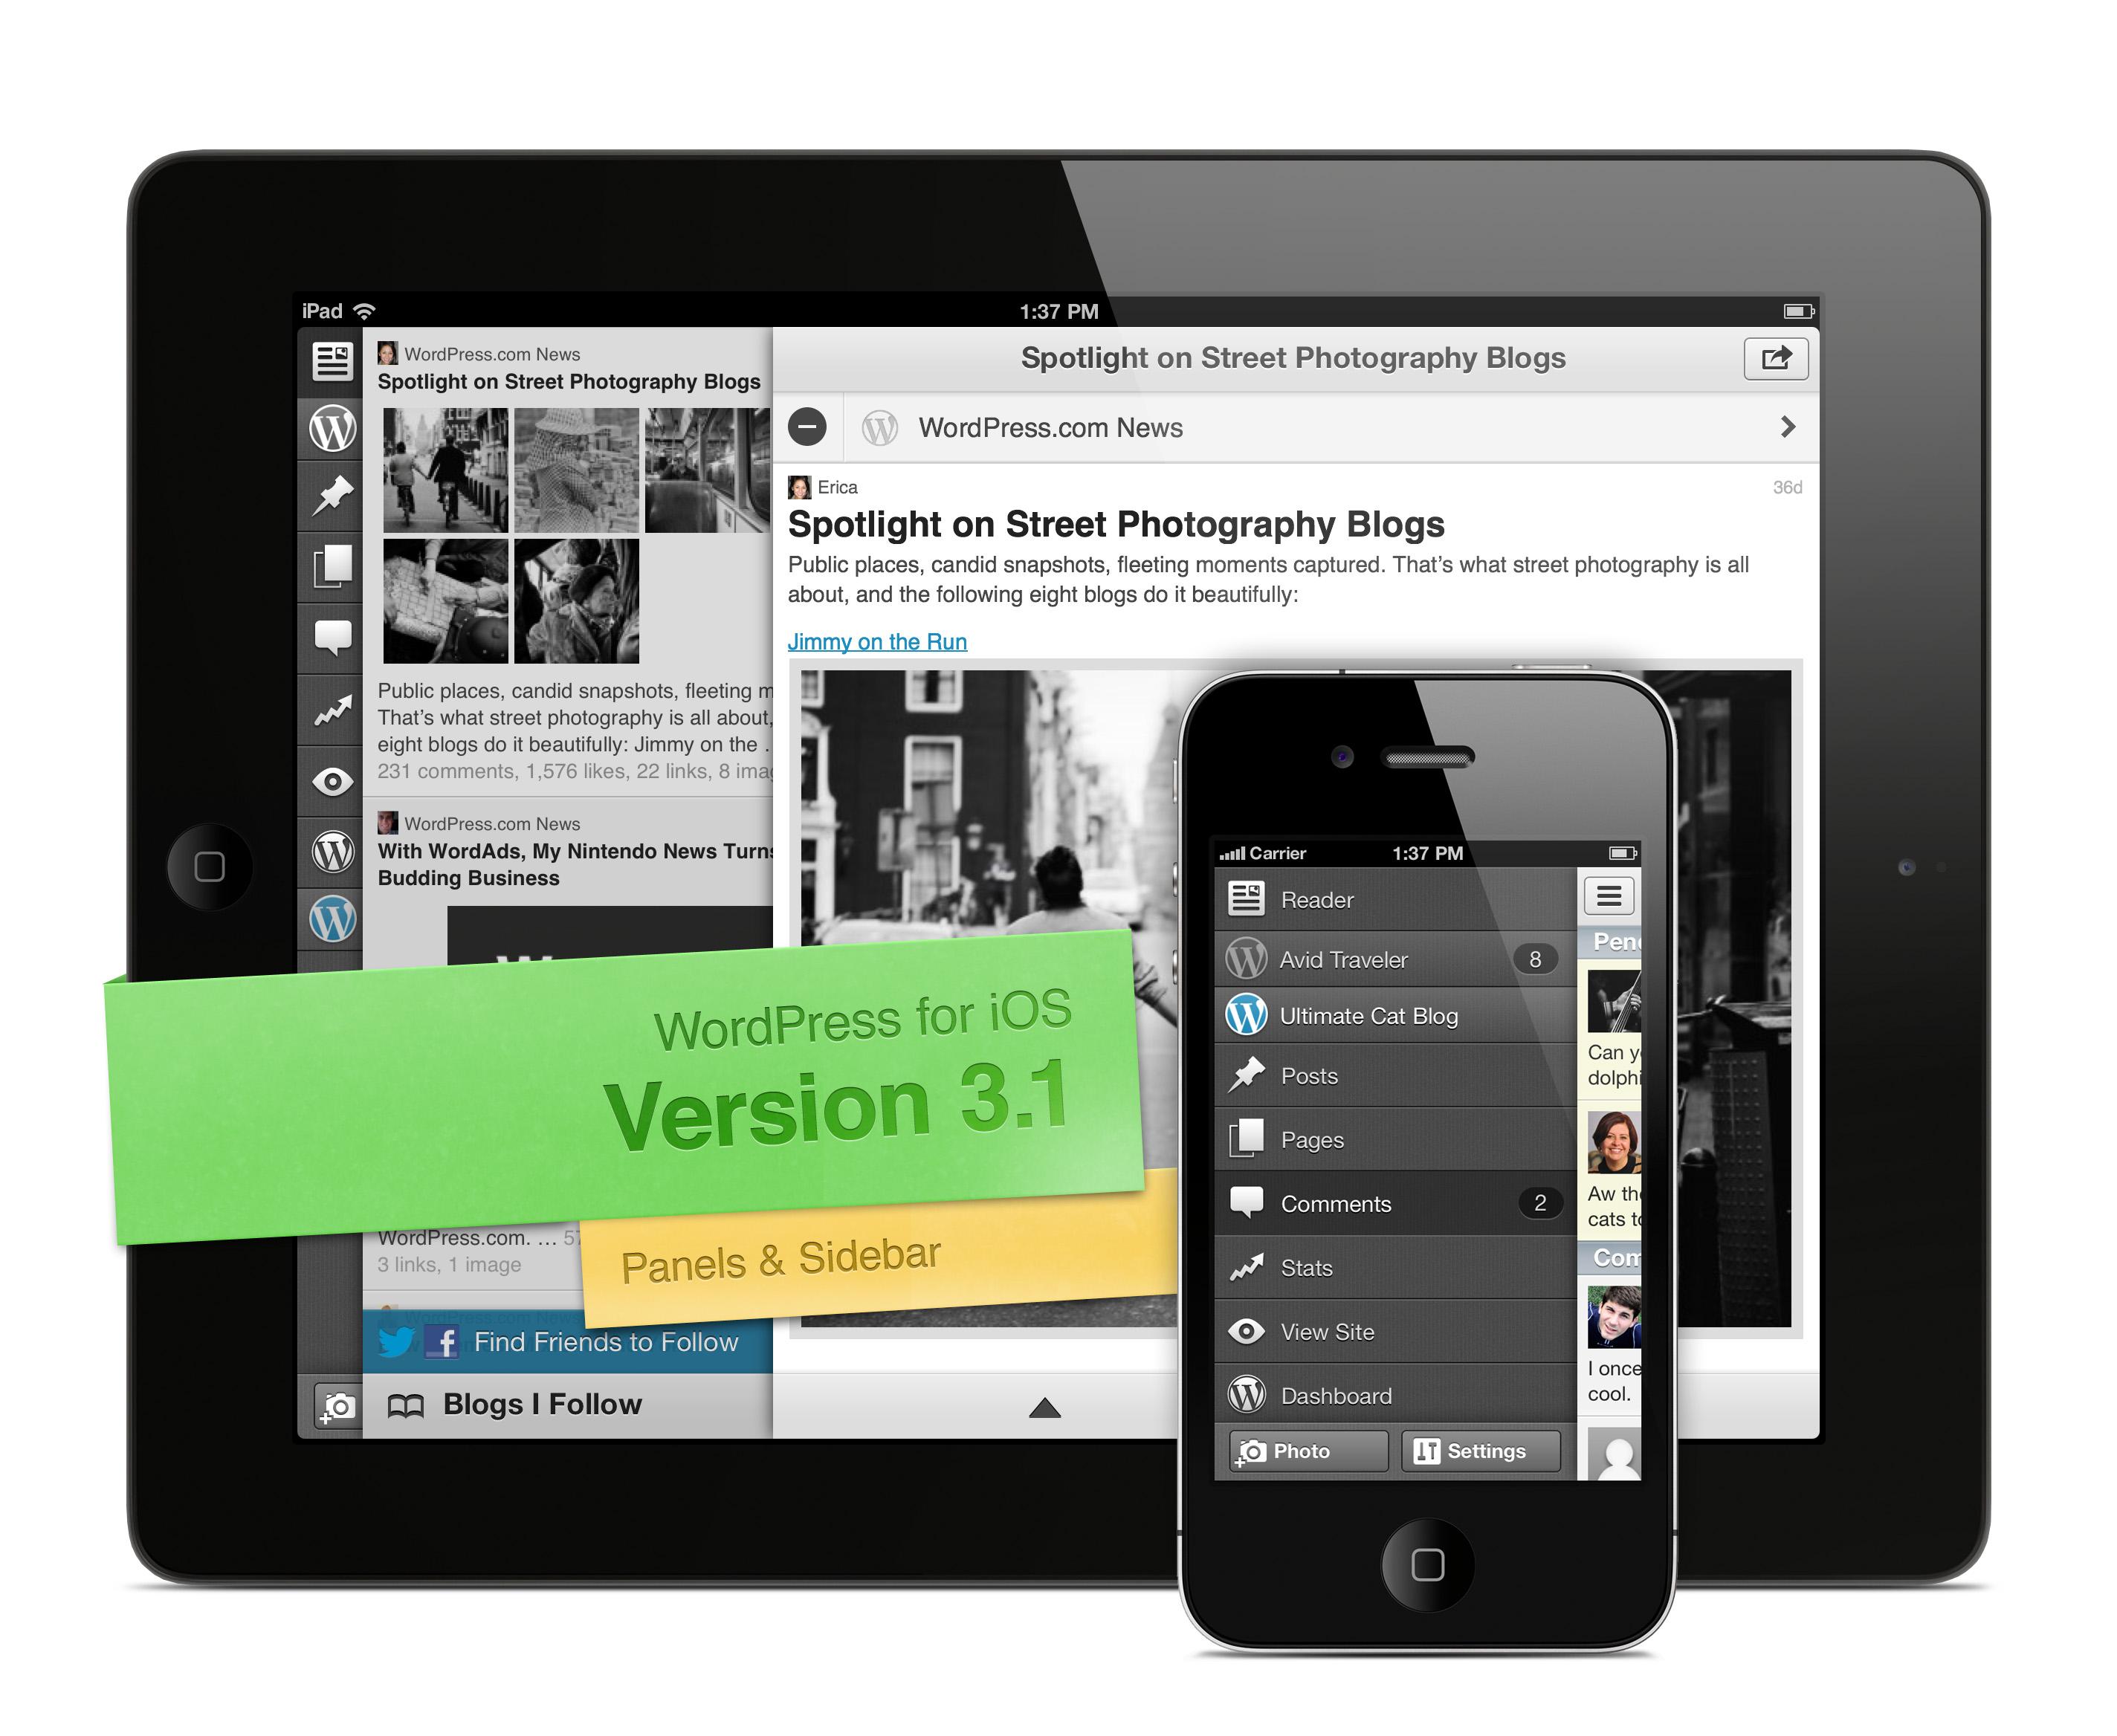 WordPress for iOS バージョン 3.1 のスクリーンショット(パネルとサイドバー)